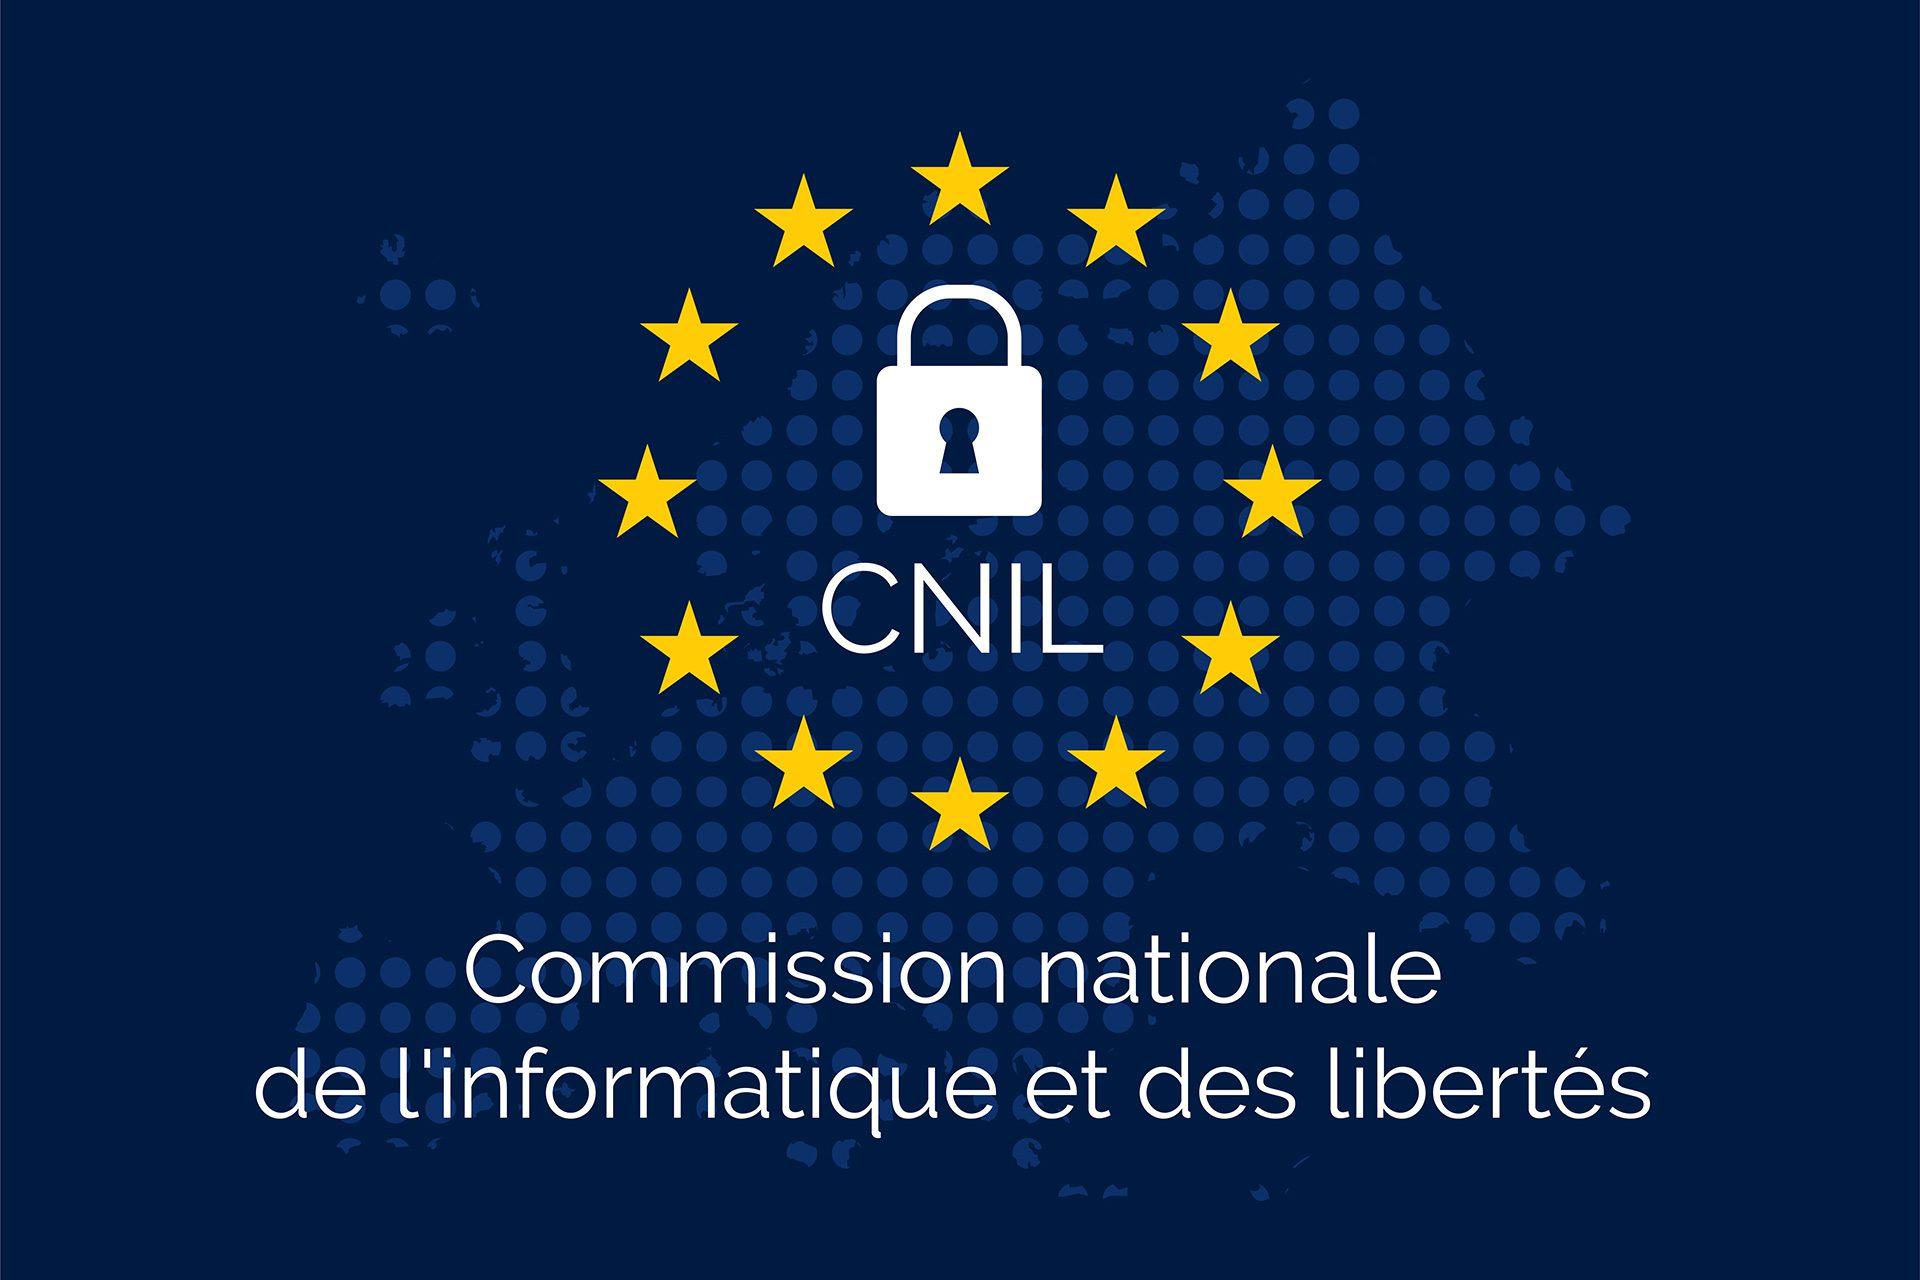 CNIL - Franska motsvarigheten till datainspektionen